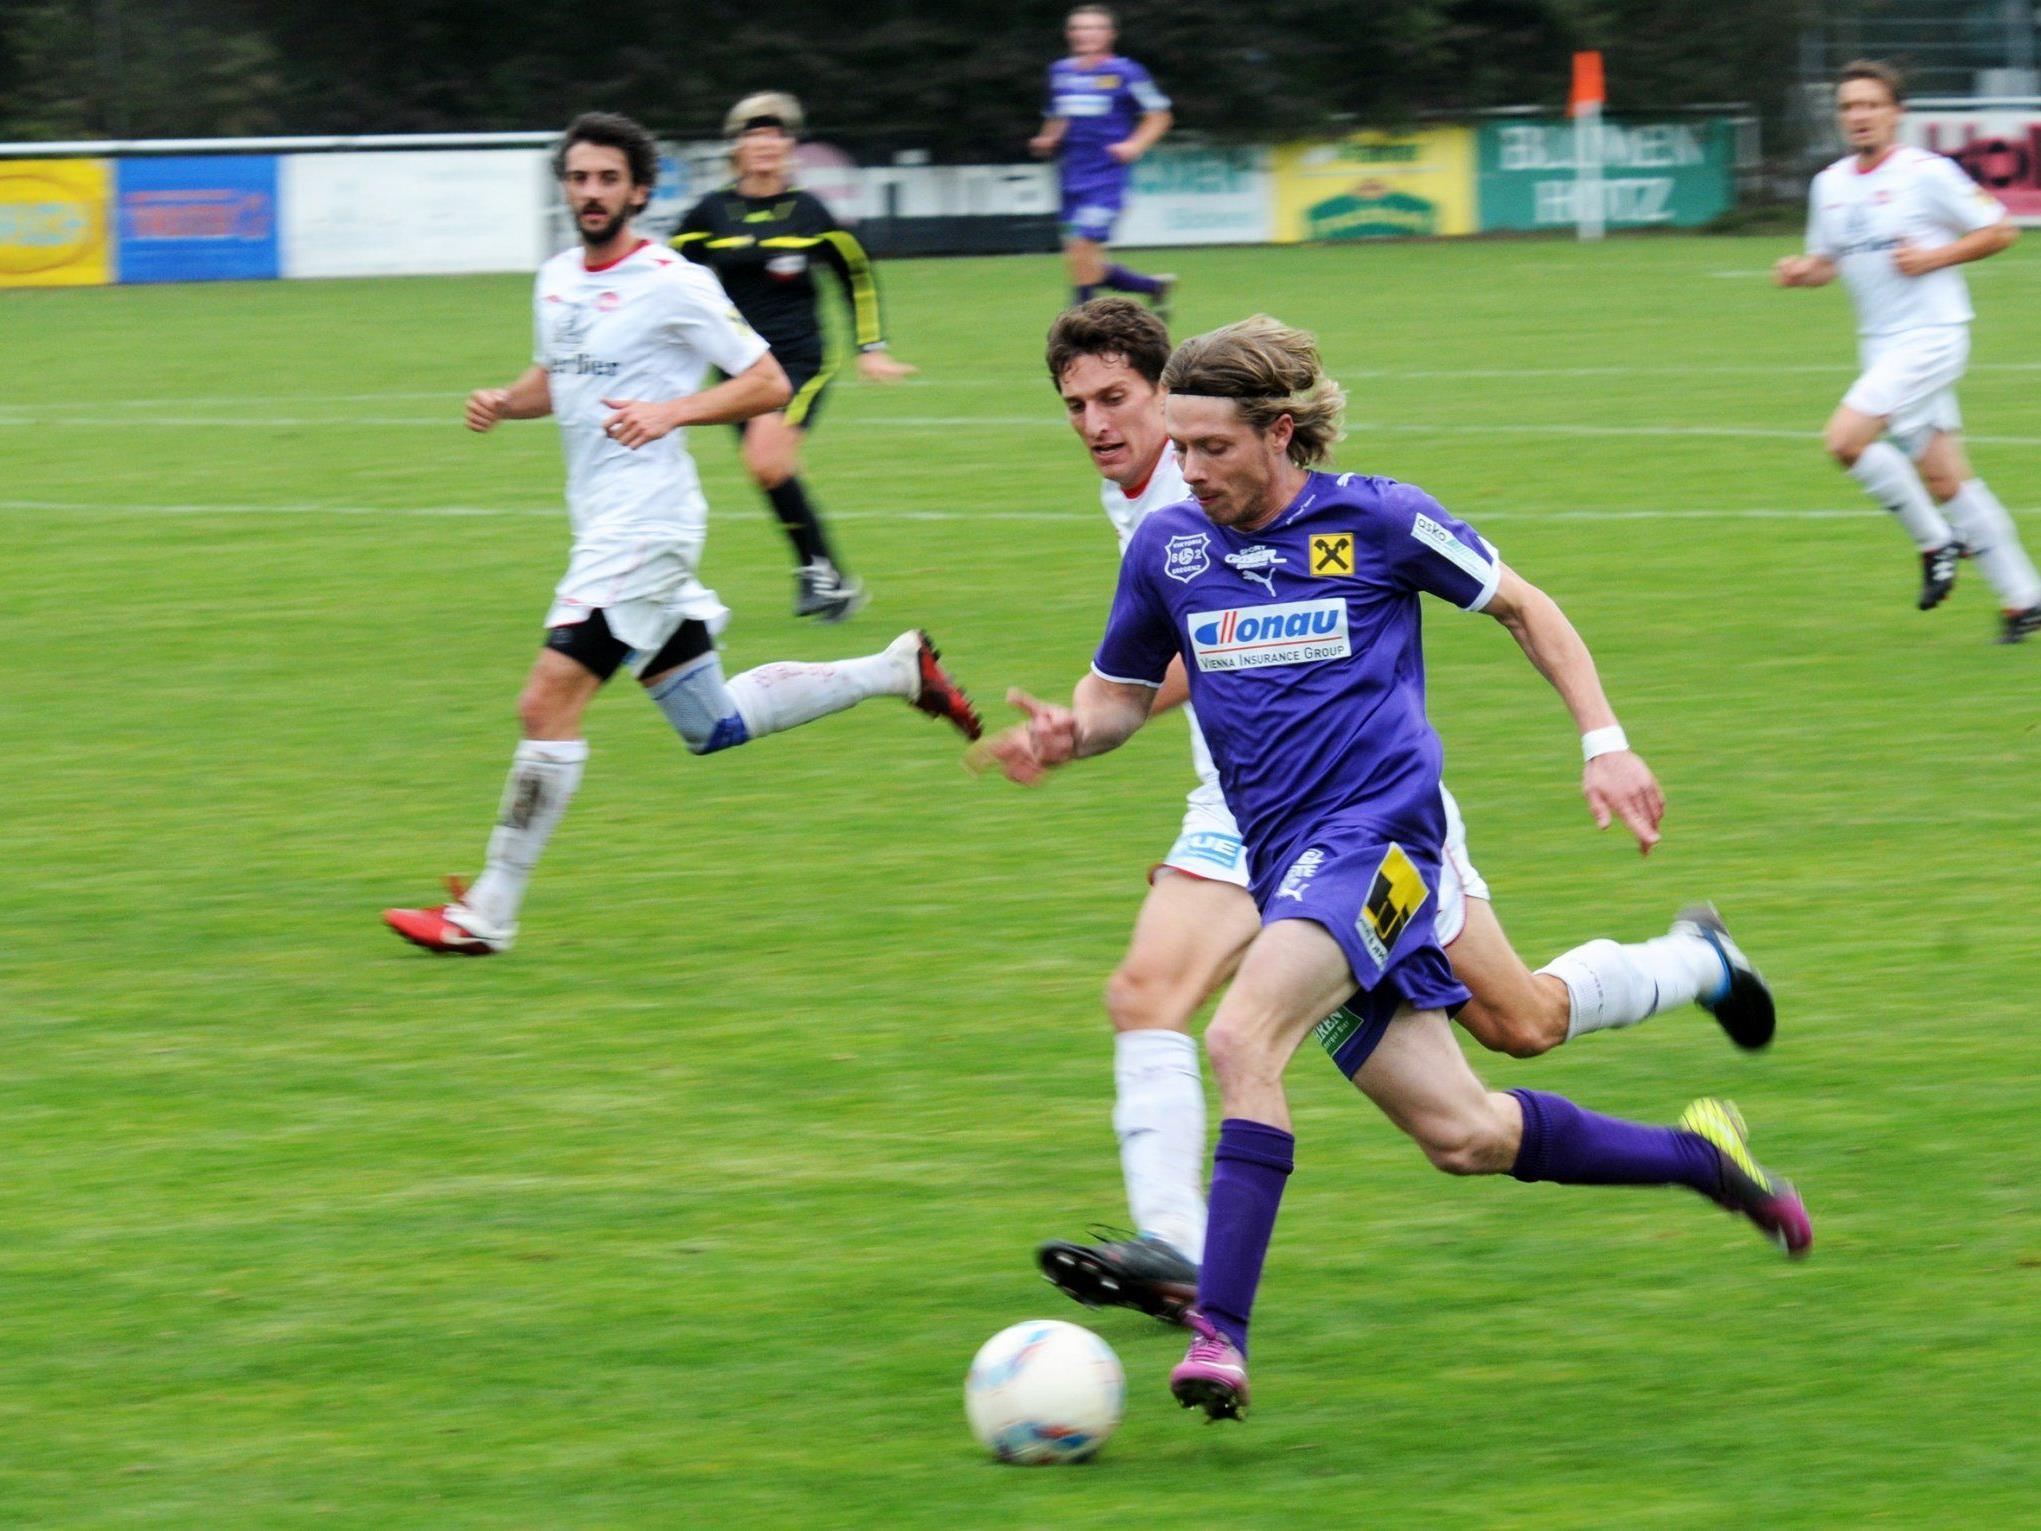 Sem Kloser traf zum 1:0 für den FC Viktoria 62 Bregenz